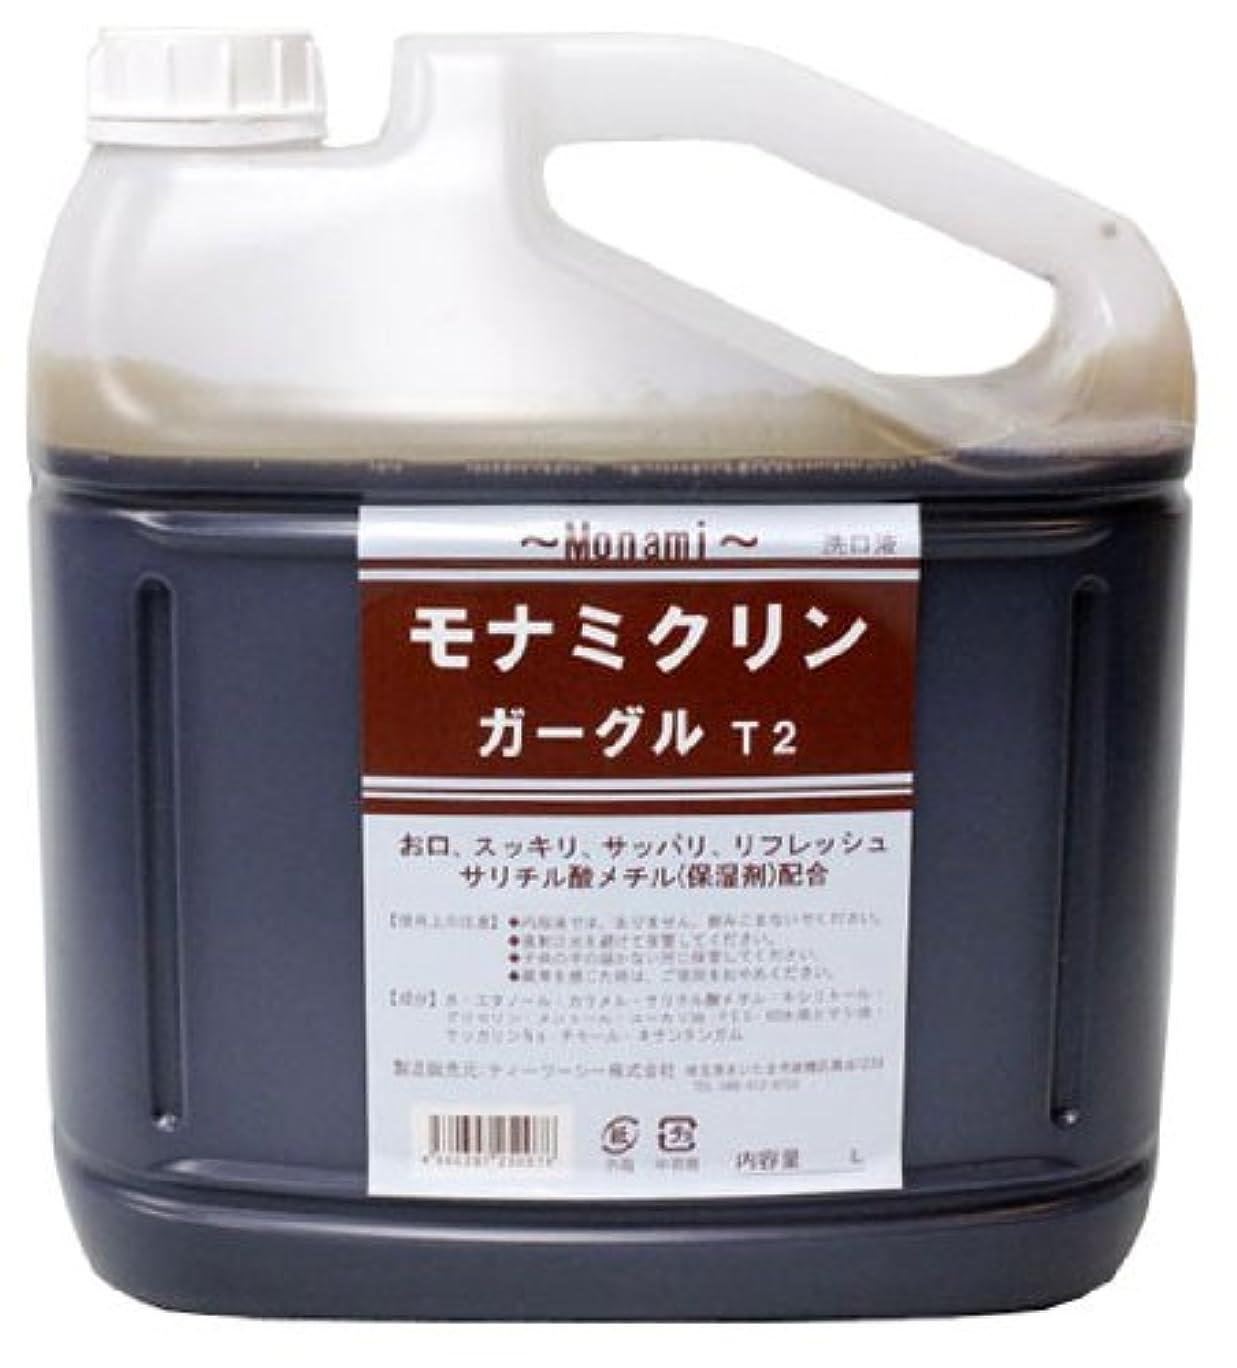 光のラリーそこ【業務用】モナミ クリンガーグルT2 5リットル サリチル酸メチル配合